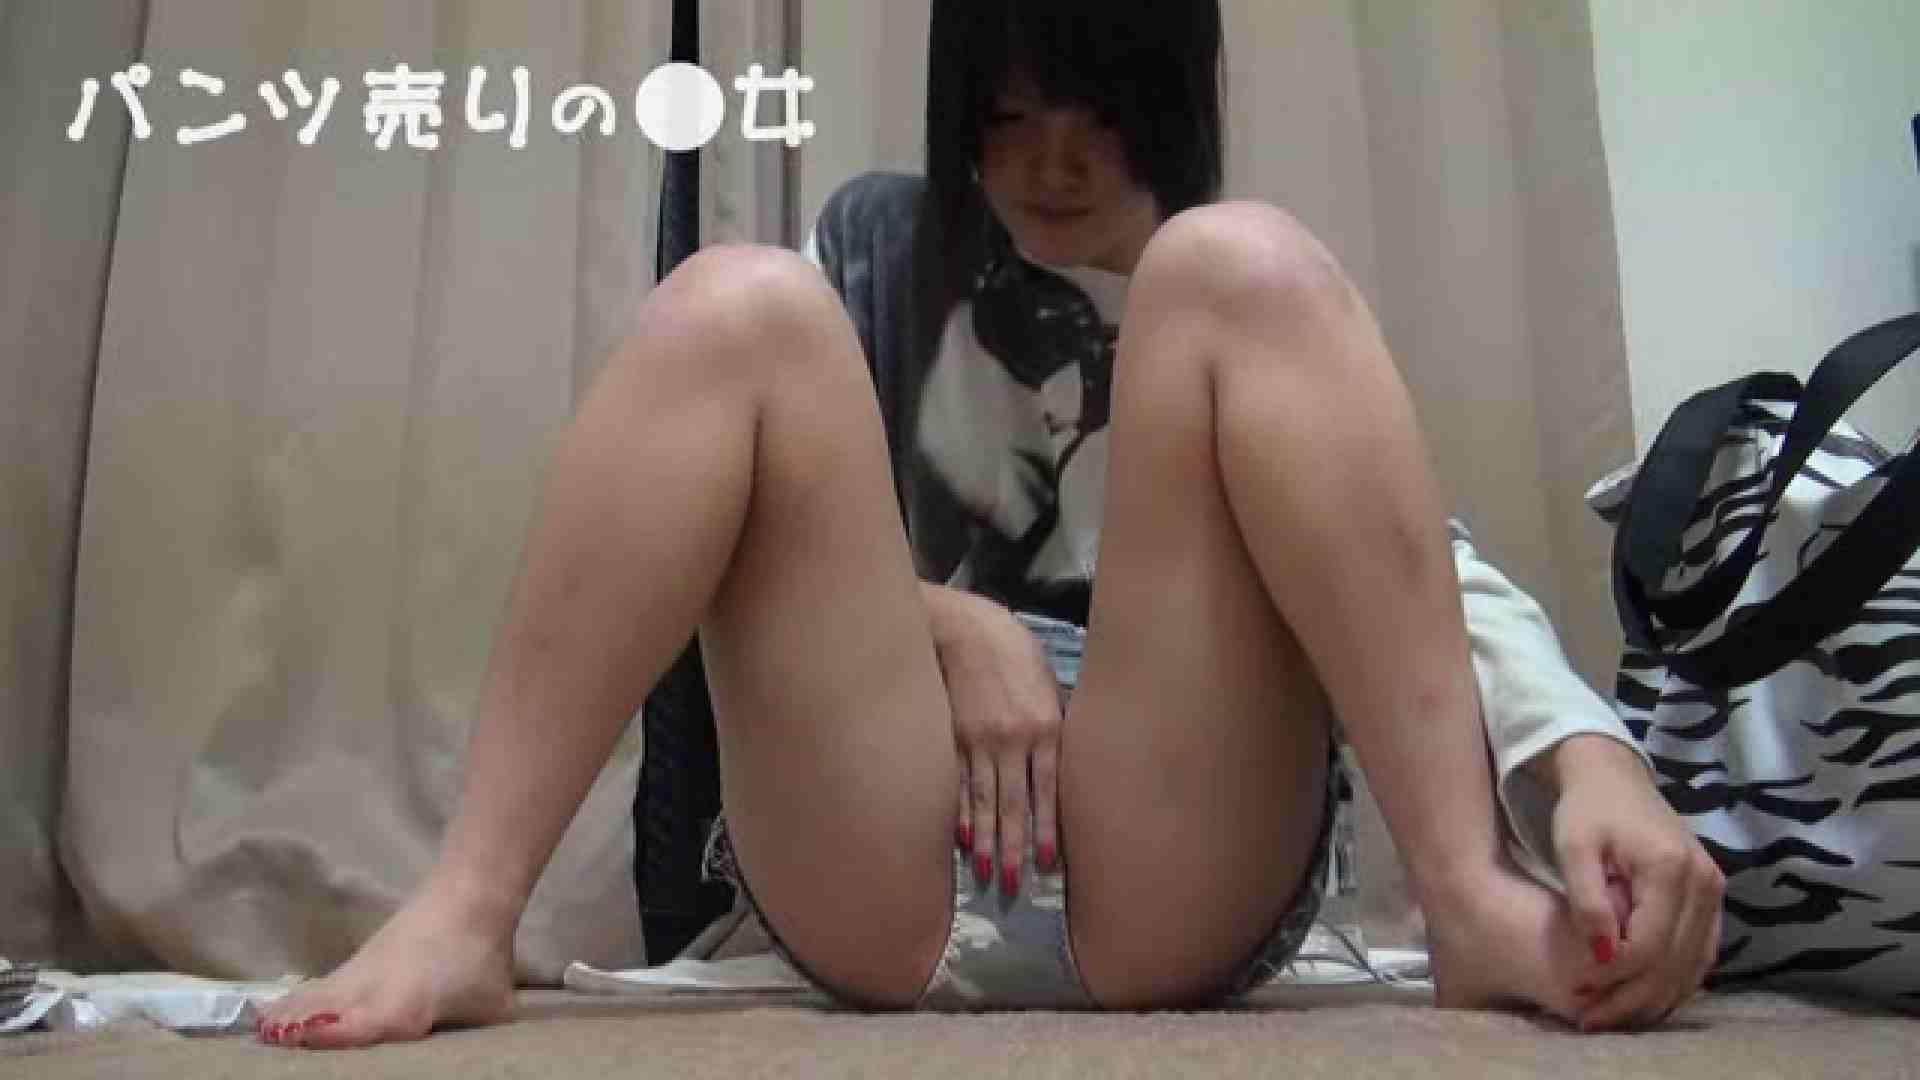 新説 パンツ売りの女の子mizuki02 一般投稿  76pic 14